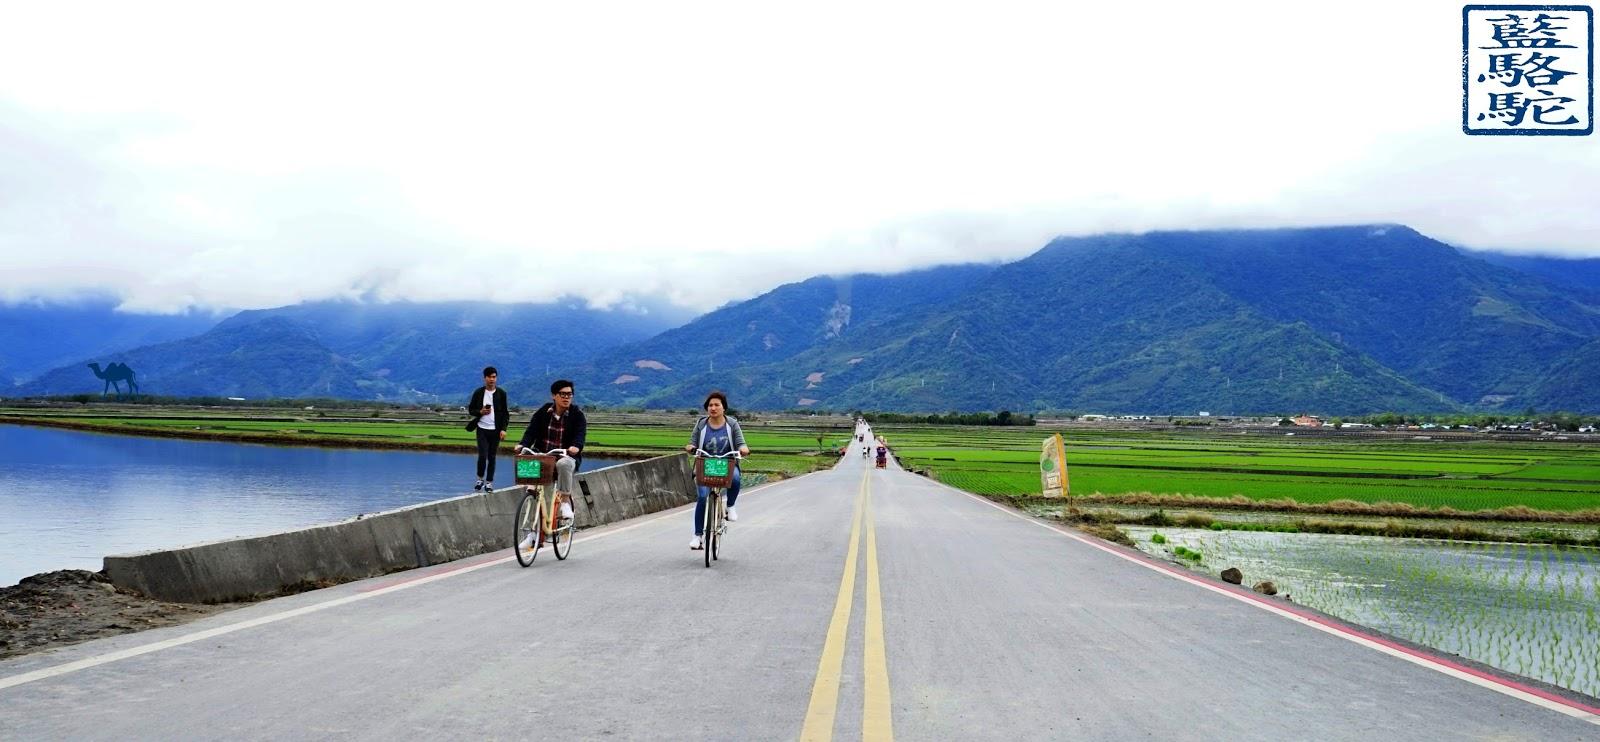 Le Chameau Bleu - ChiShang du coté de Taitung sur l'ile de Taïwan - séjour à taiwan